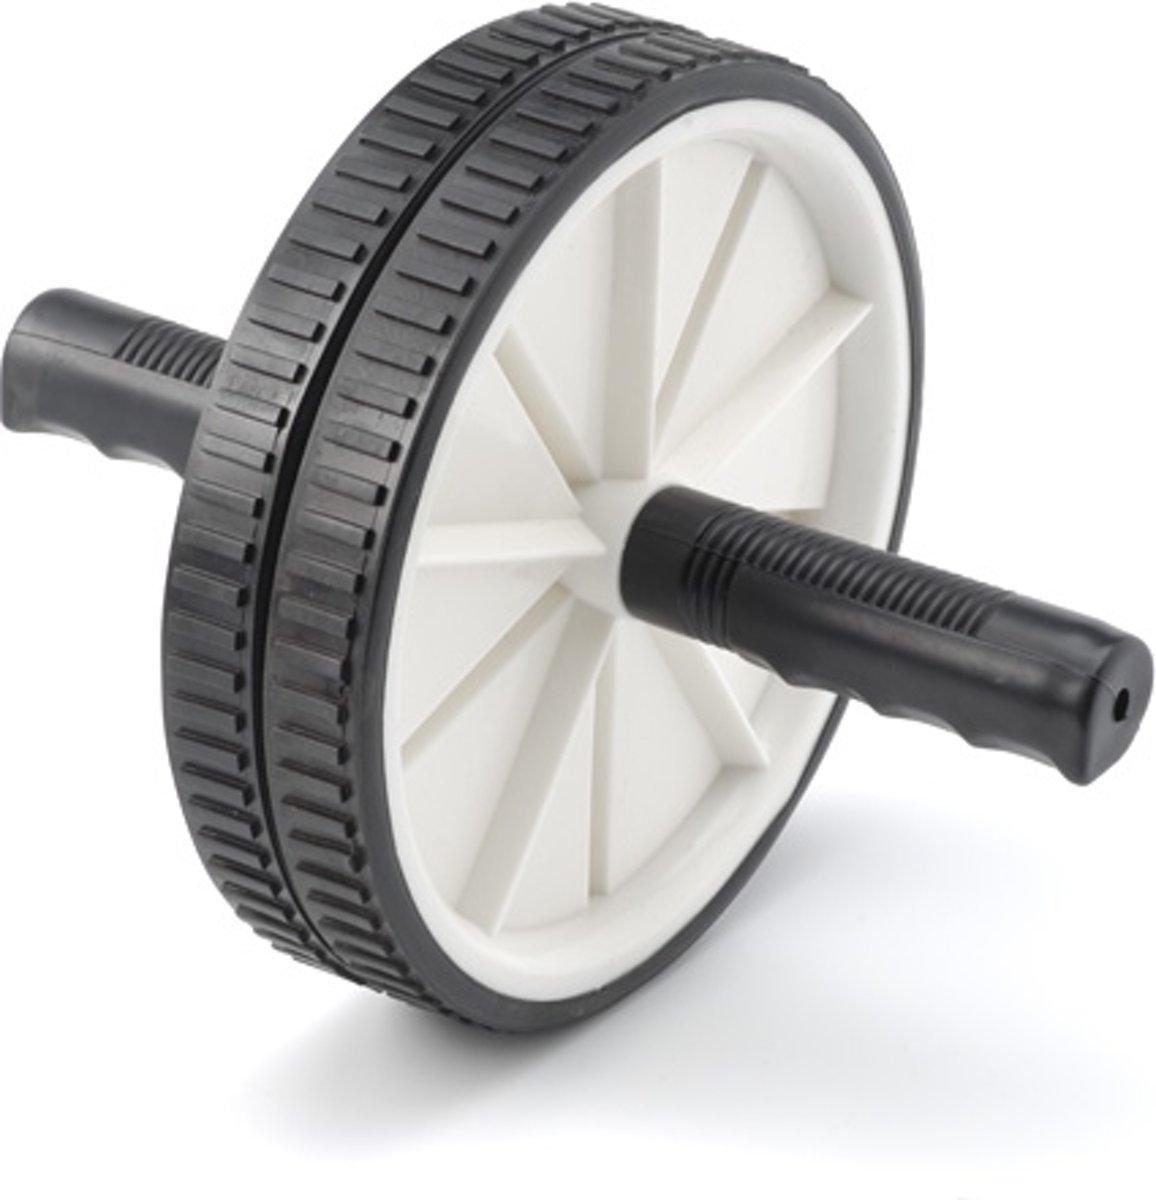 RS Sports Trainingswiel l Buikspiertrainer l Ab wheel l dubbele trainingswiel kopen